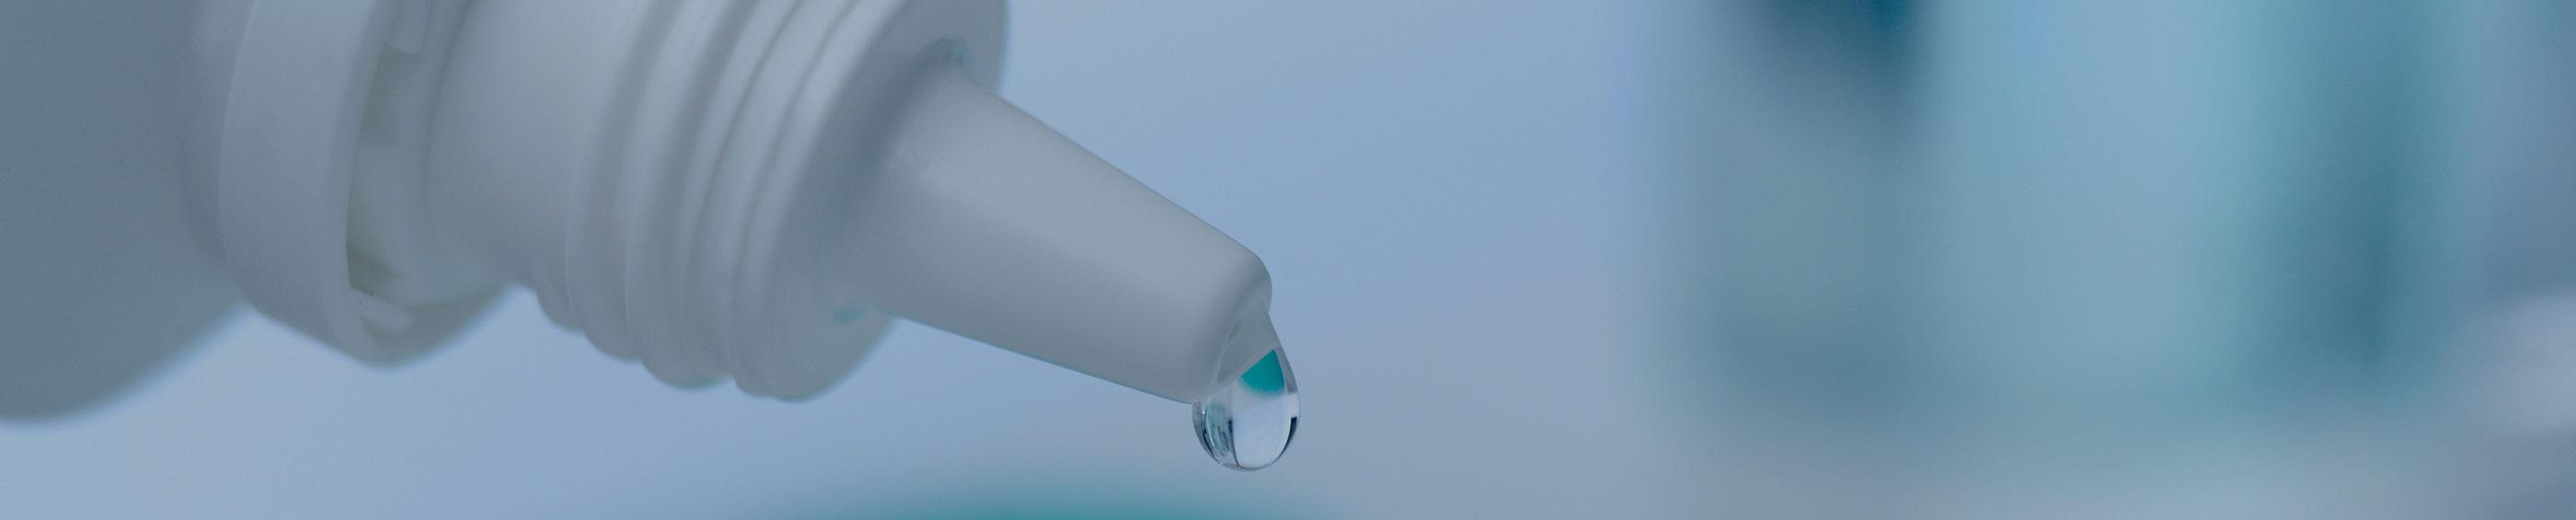 Un produit d'entretien pour lentilles utilisé dans un rangement de lentille.